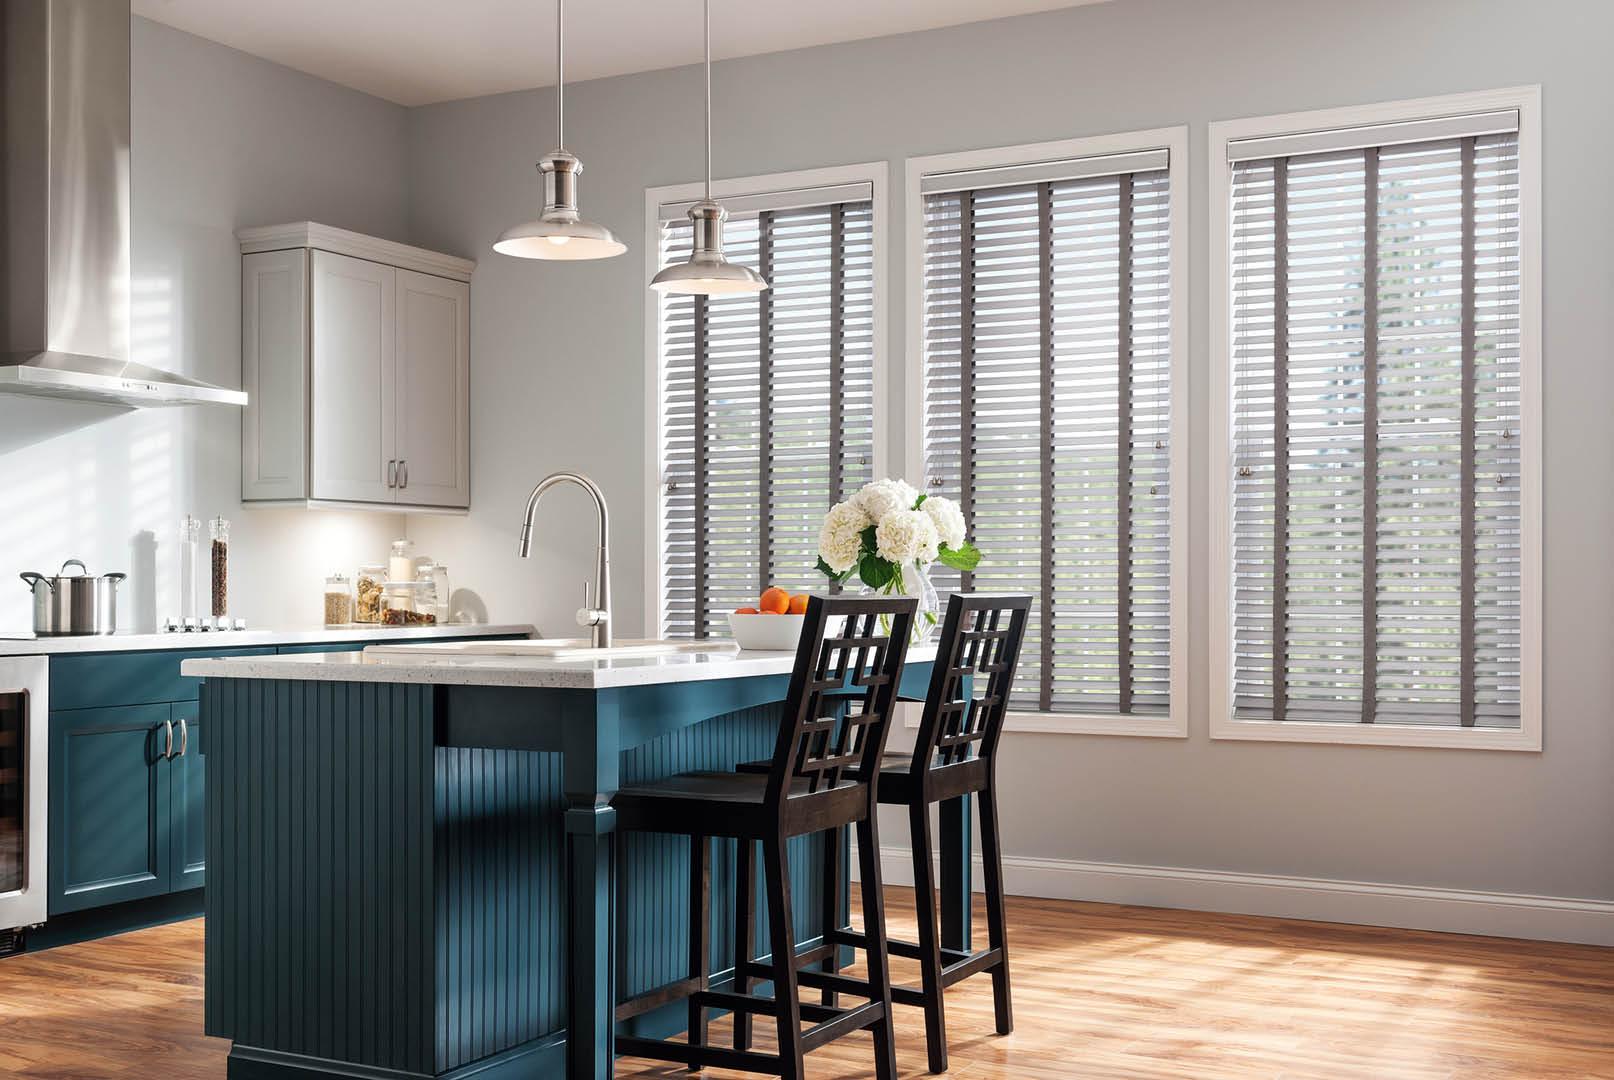 Contemporary blinds for a fresh kitchen look near Bixler, CA.